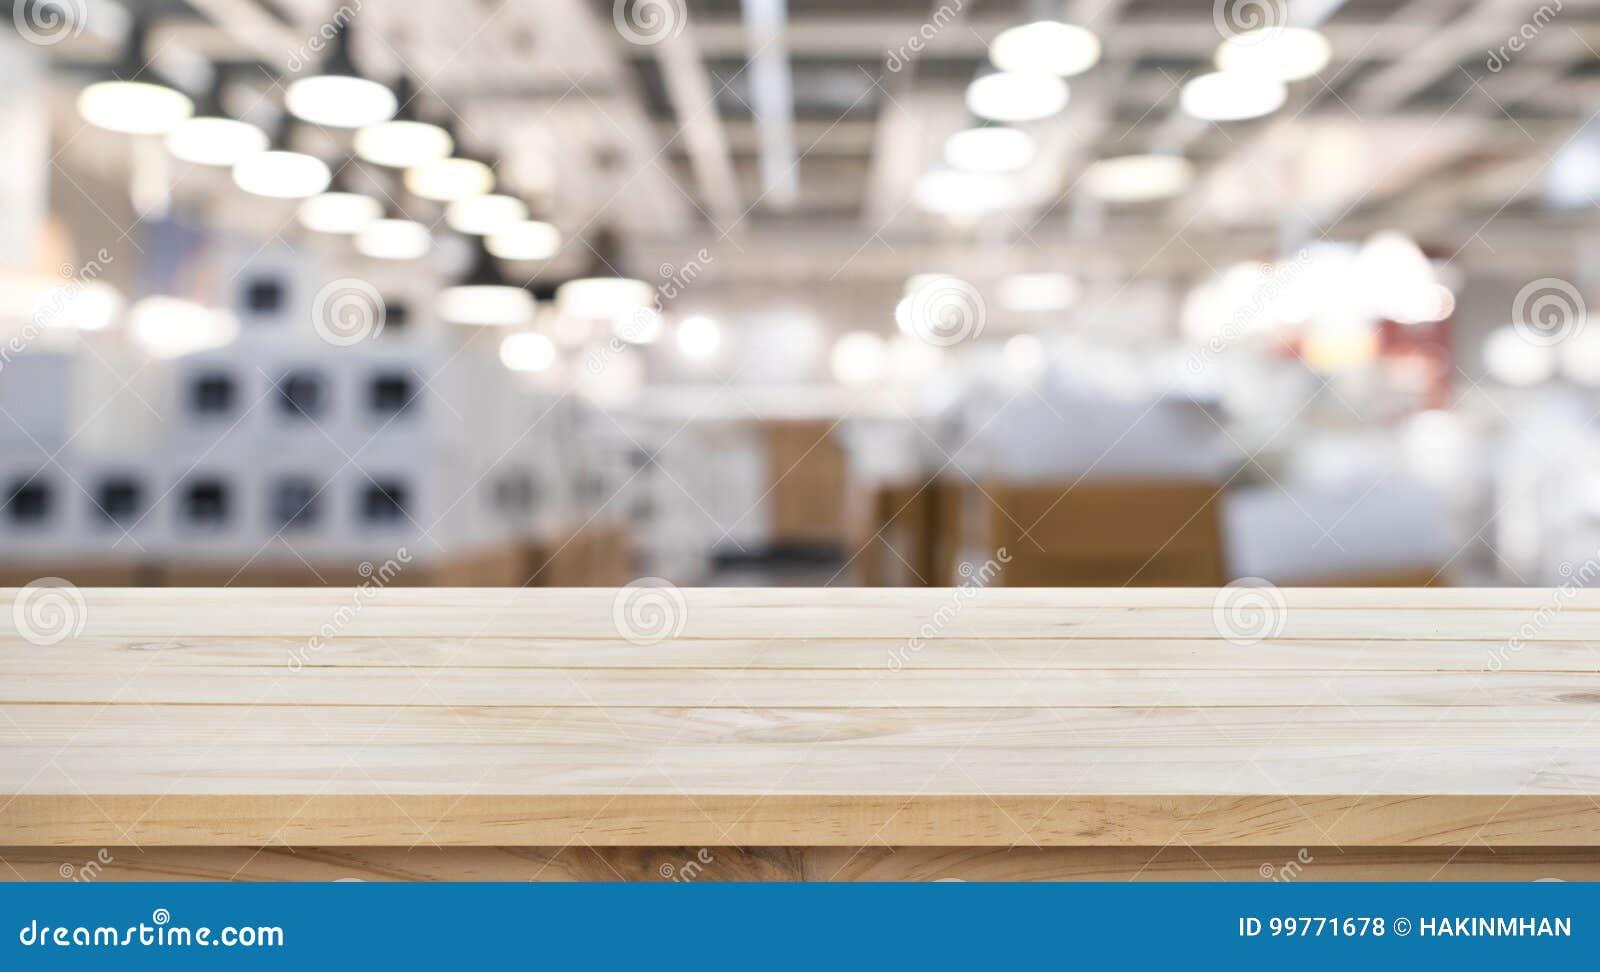 Esvazie do tampo da mesa de madeira no fundo da fábrica da loja do borrão